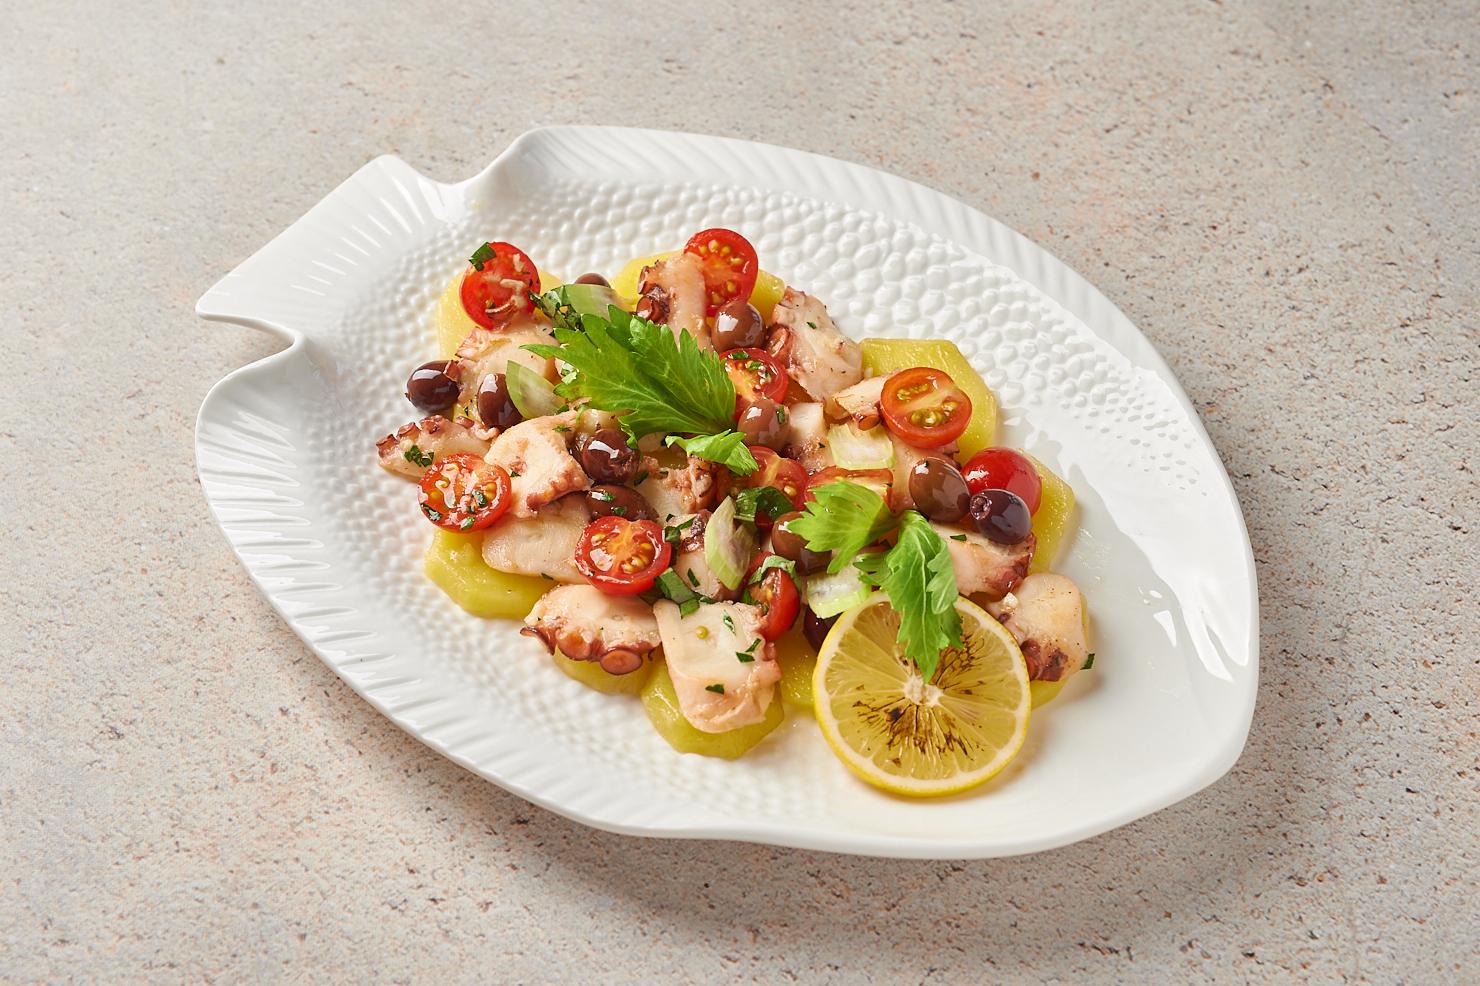 Осьминог с молодым картофелем и оливками таджаске